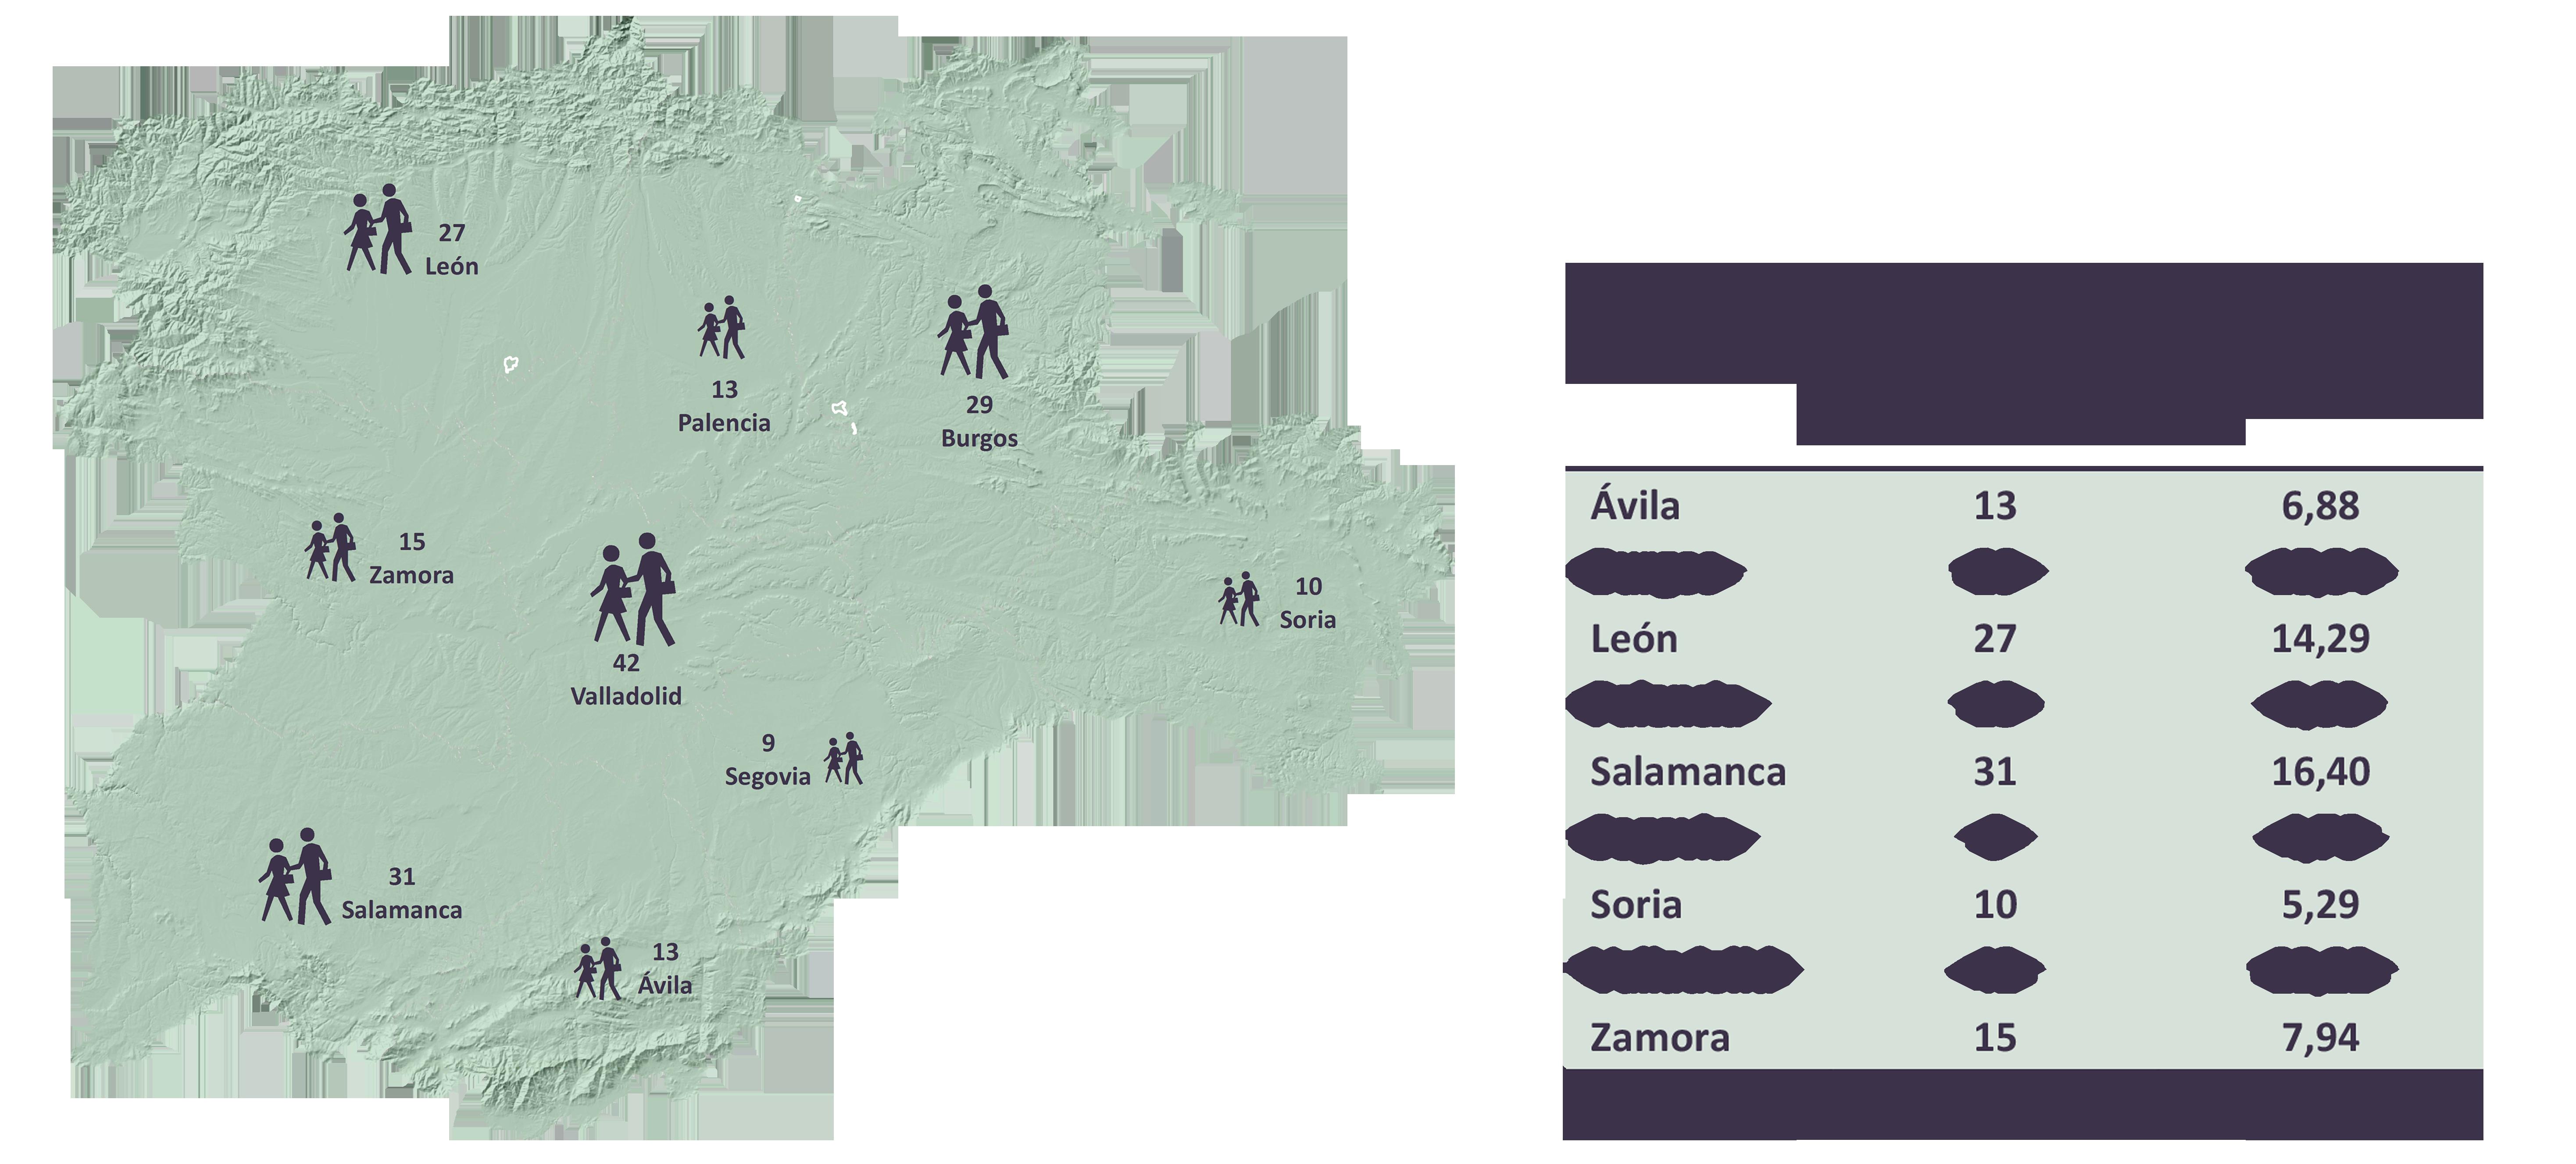 Afectados de ELA en Castilla y León según los datos de la Consejería de Sanidad, Junta de Castilla y León (2016)